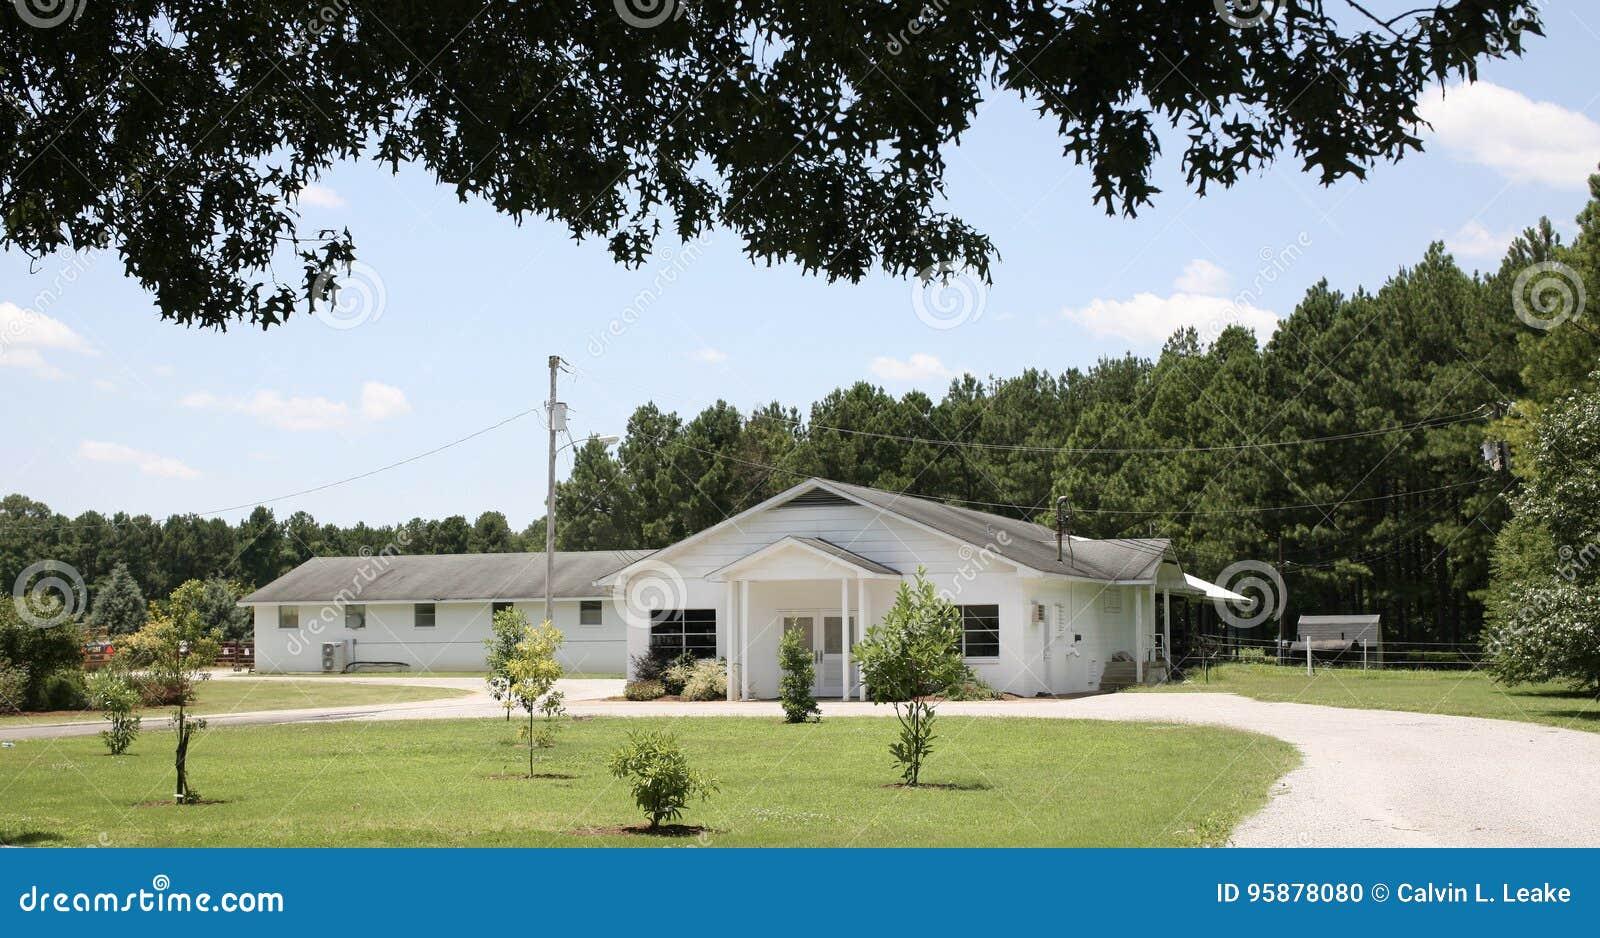 设施在西方田纳西农业研究中心